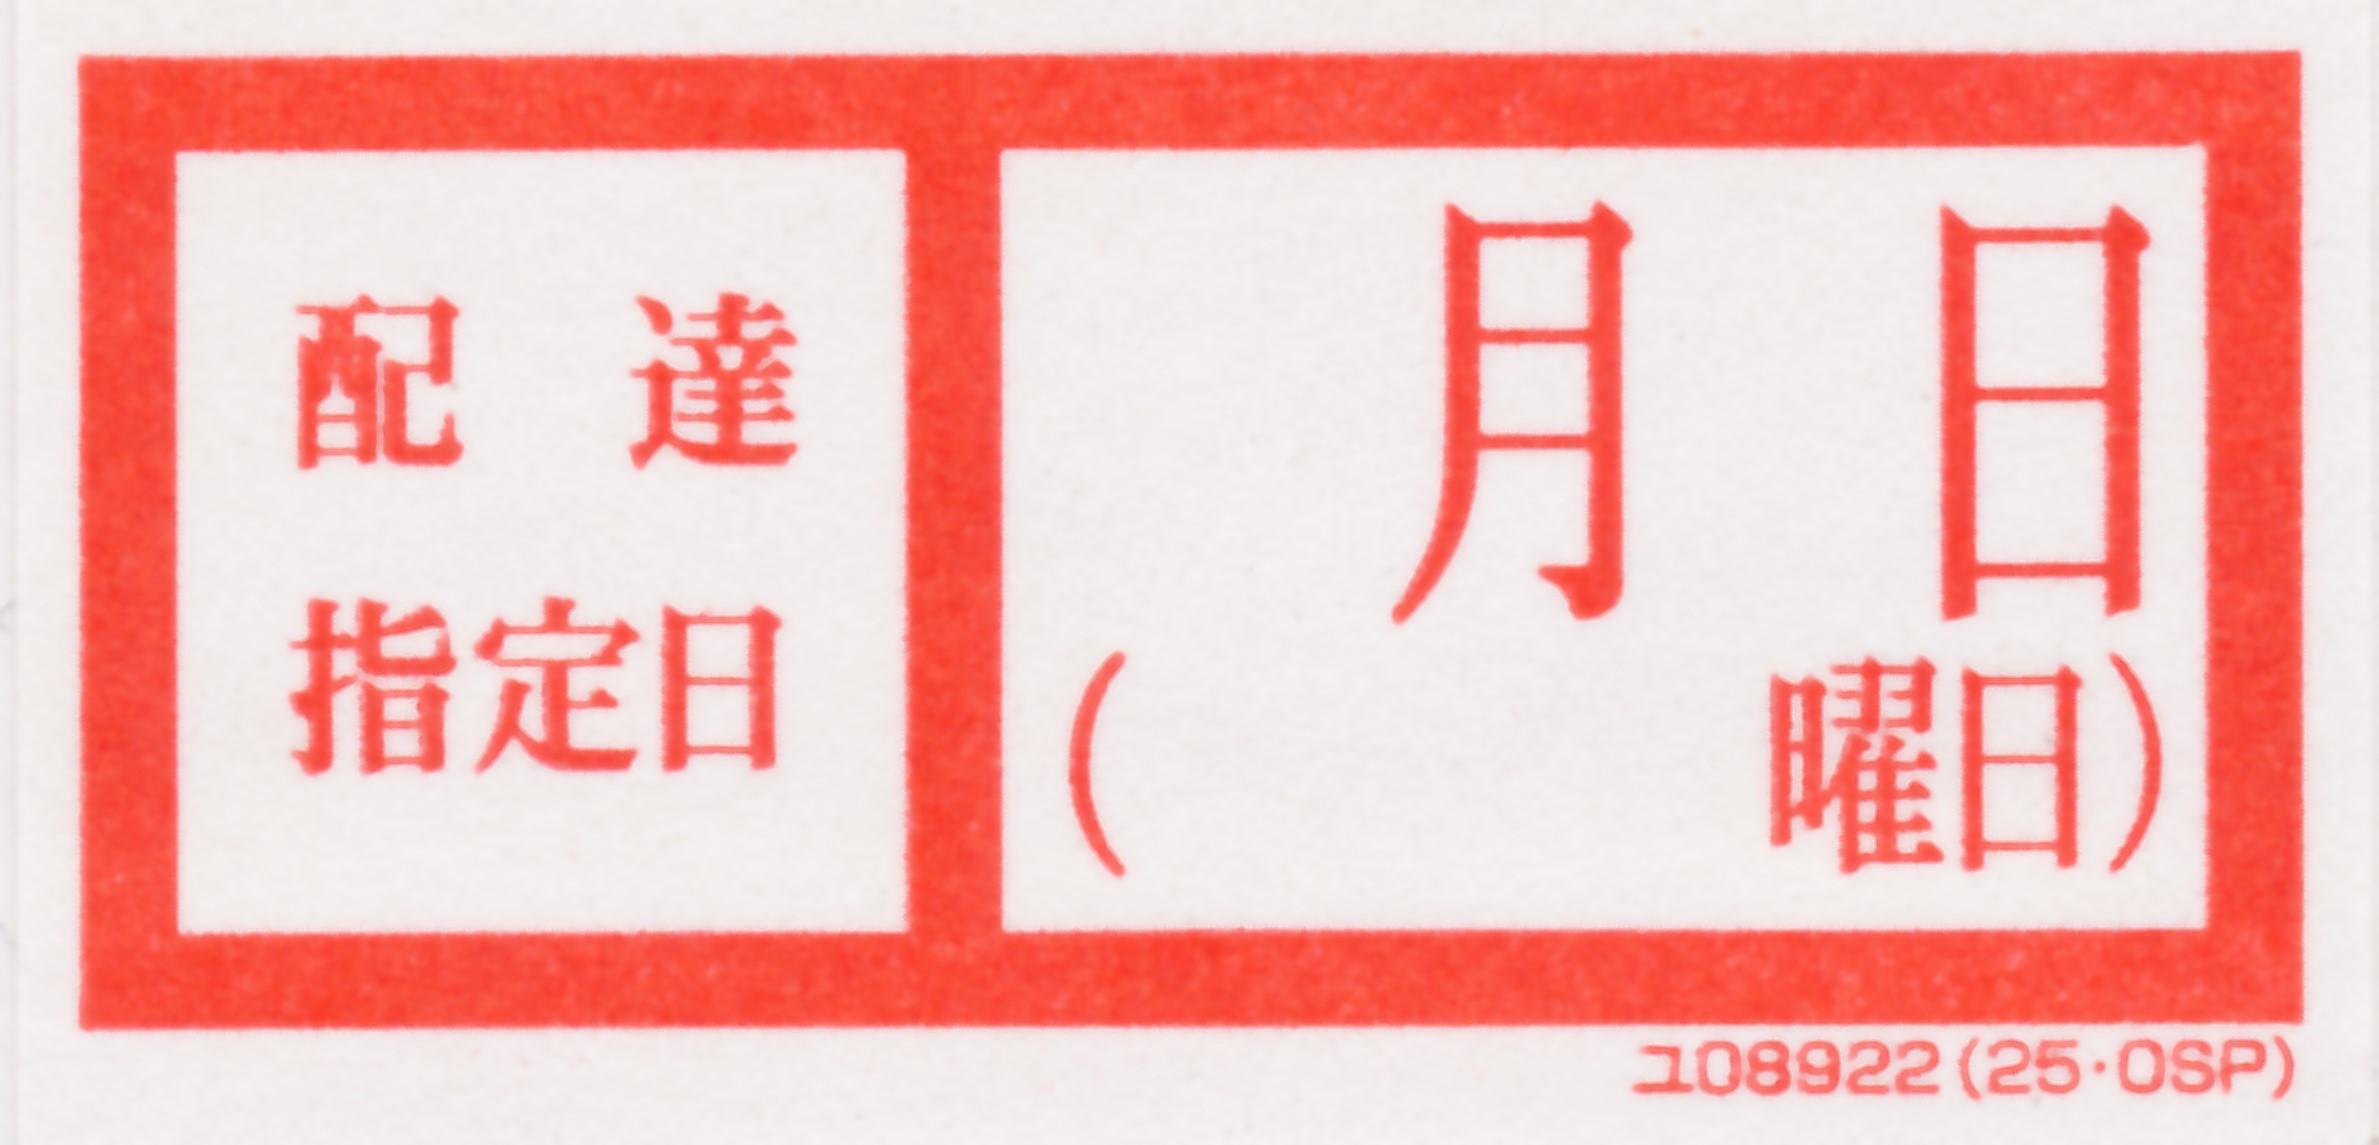 宛名印刷をお受けしましたが、それが配達日指定郵便でした。 - blog